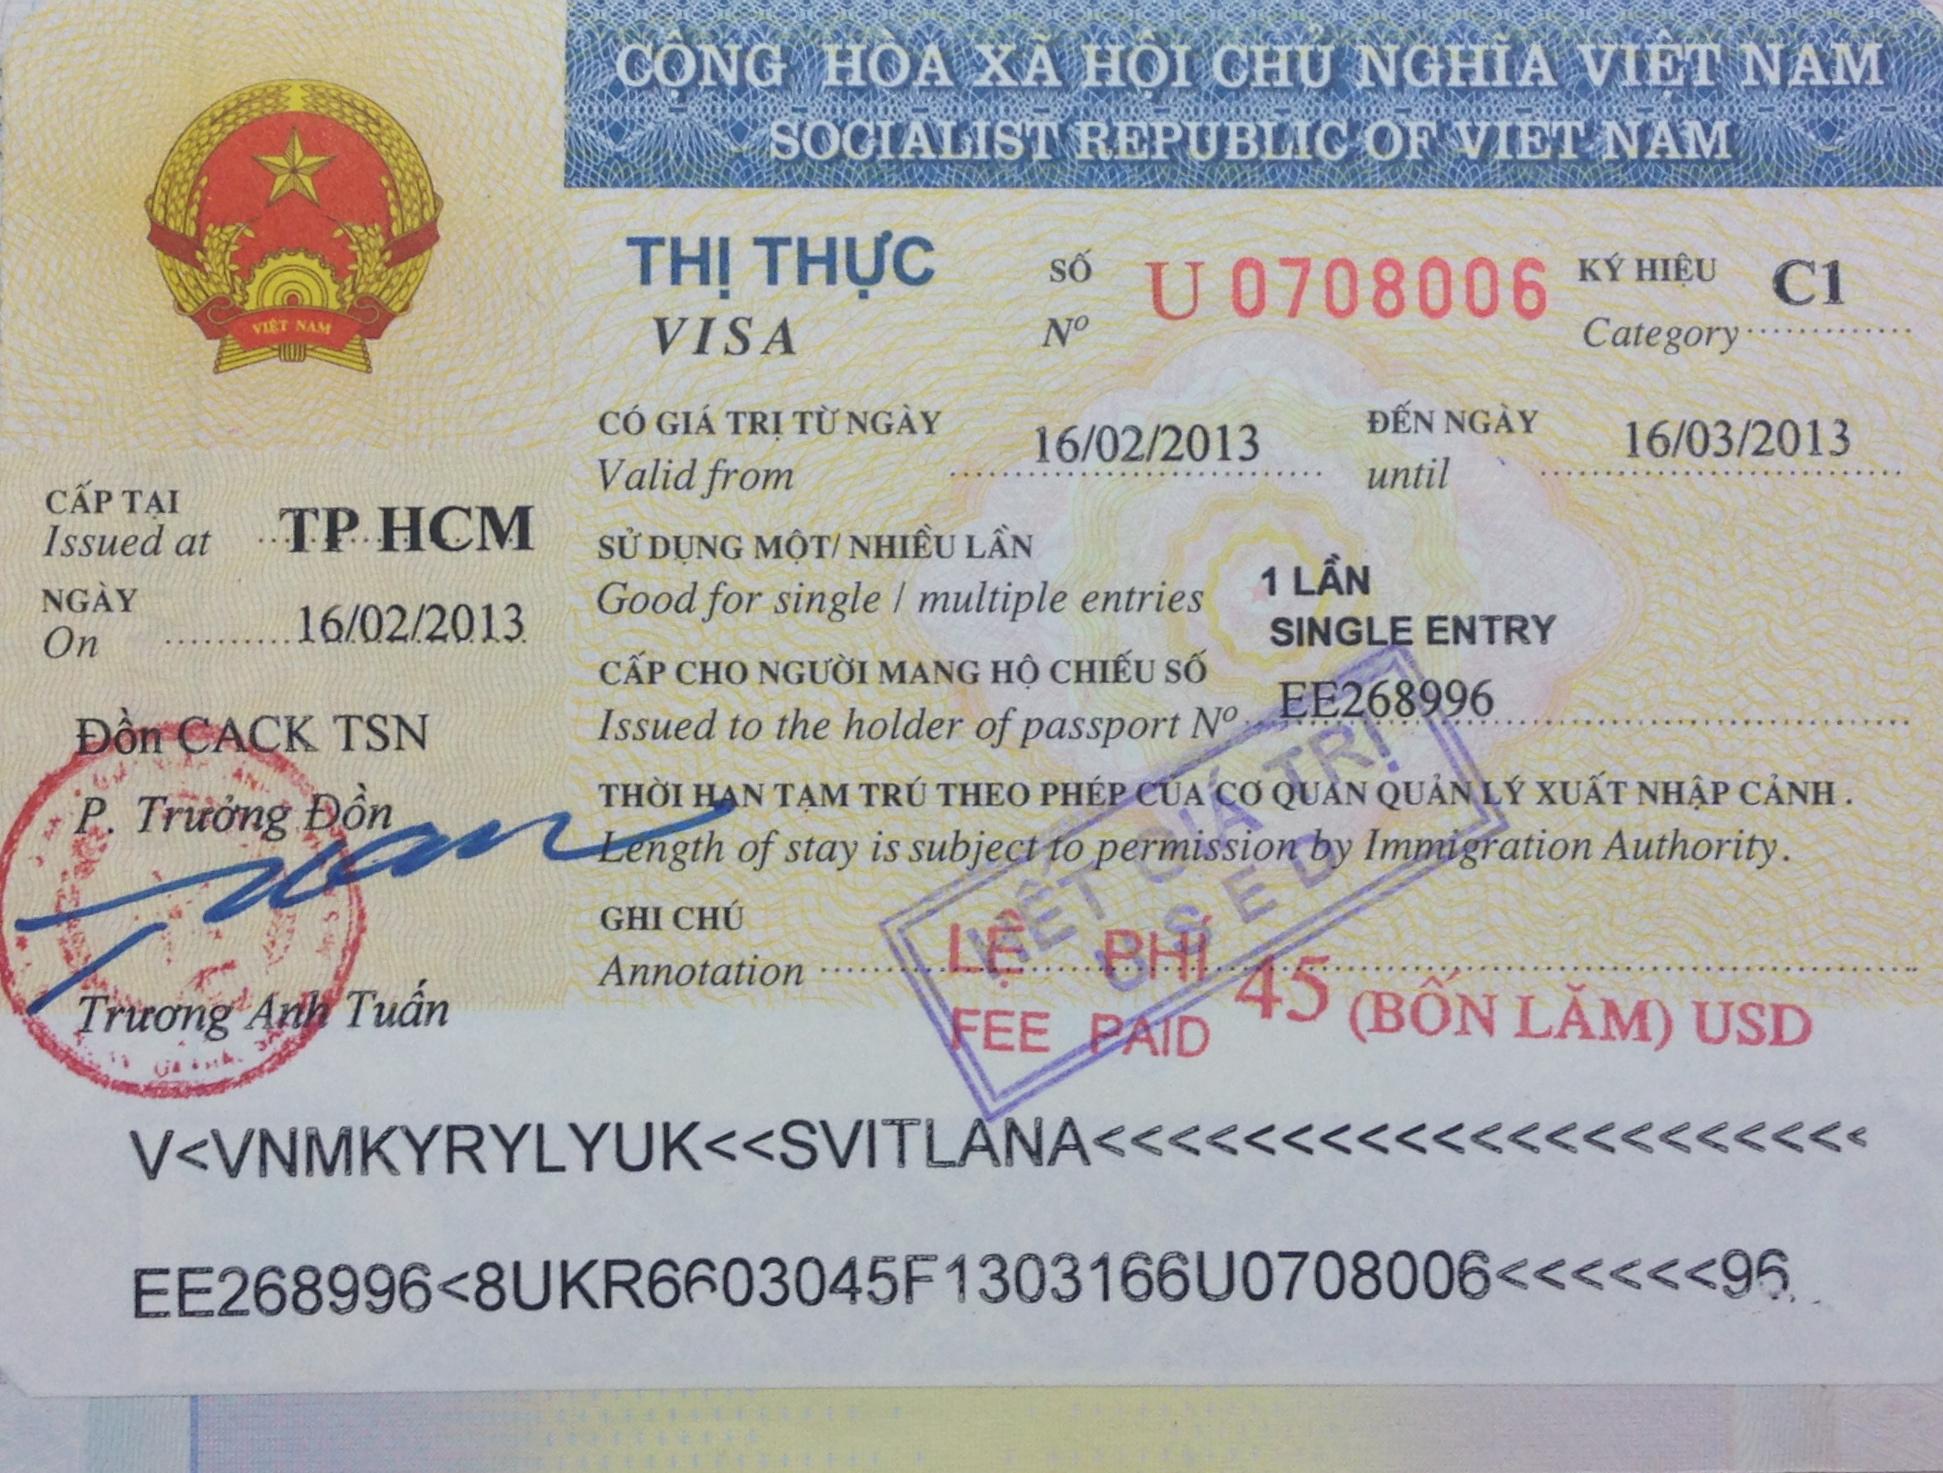 Вьетнам без визы - в 2019 году, сколько дней можно находиться, продлить сроки, оформление, нужно получить документ